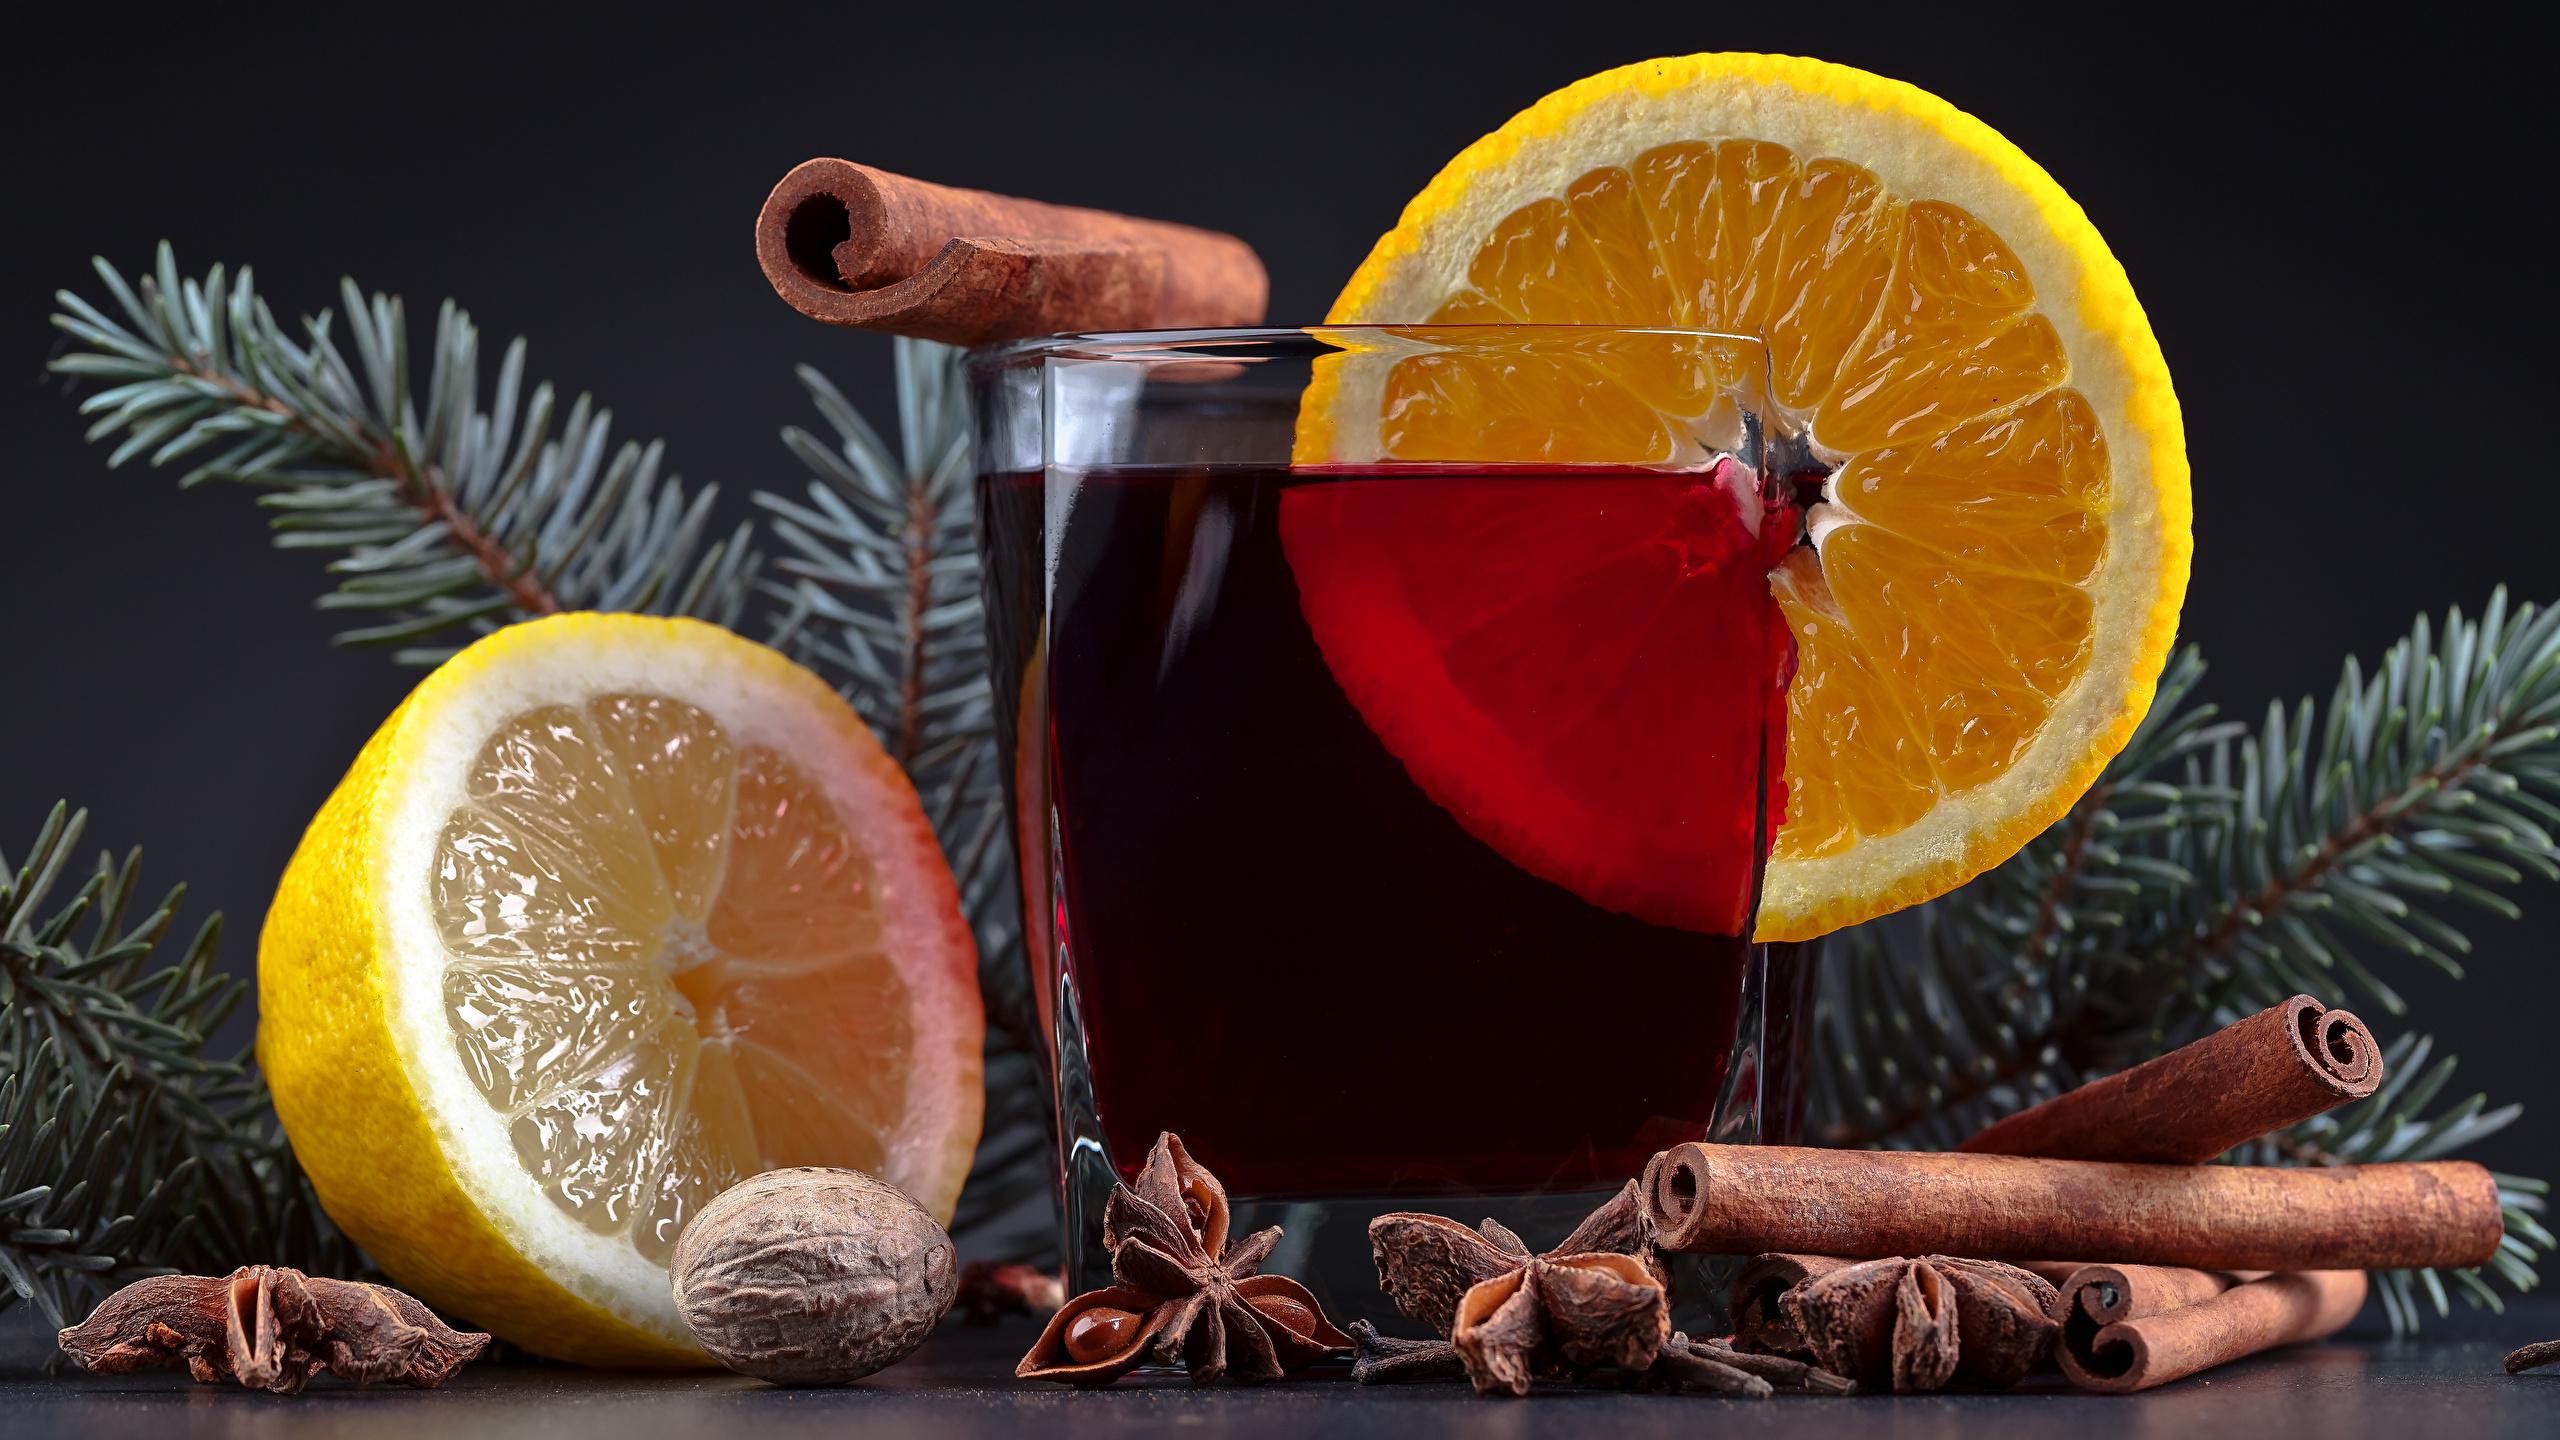 Фотография Новый год Стакан Корица Лимоны Пища Напитки 2560x1440 Рождество стакана стакане Еда Продукты питания